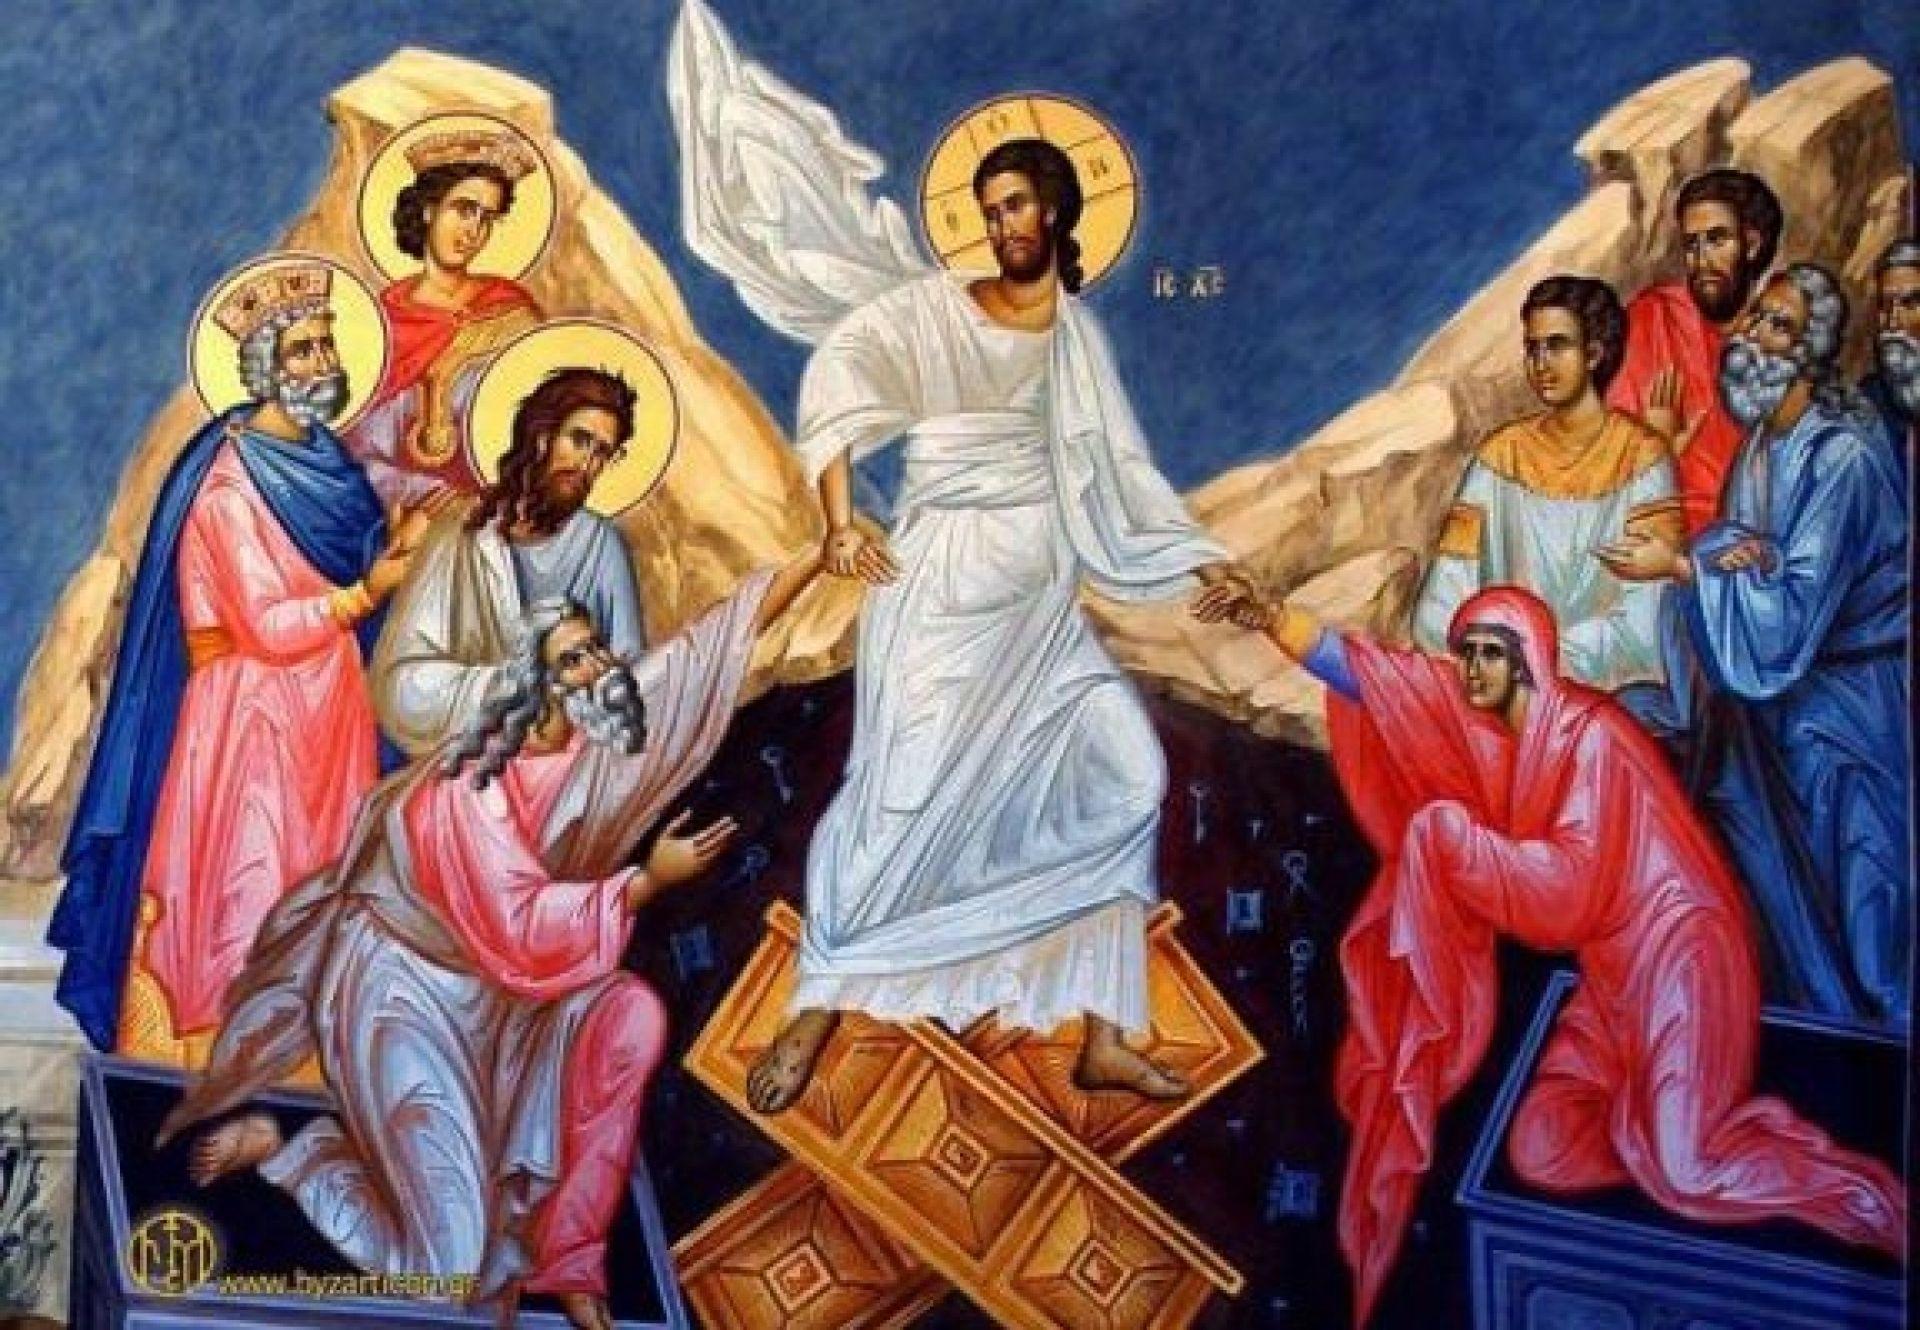 Μεγάλο Σάββατο: Η Ανάσταση του Ιησού Χριστού (βίντεο)